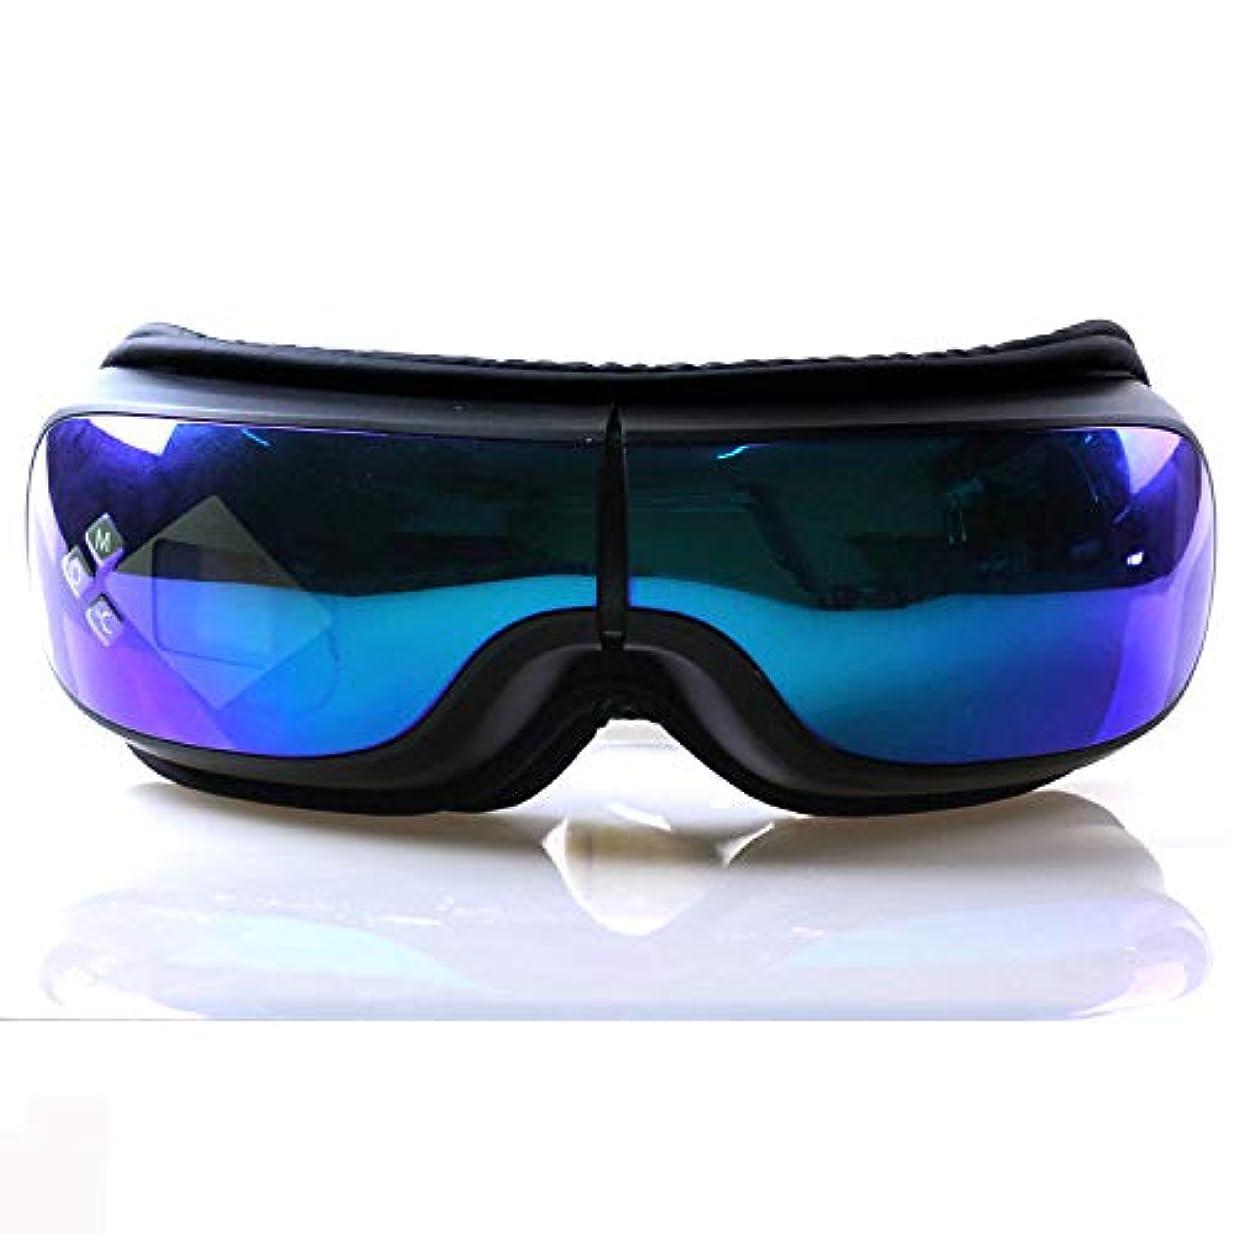 アンビエントスラム編集者グラフェンインテリジェントなワイヤレス空気圧アイインストゥルメントマッサージ器近視補正視力保護器,Blue